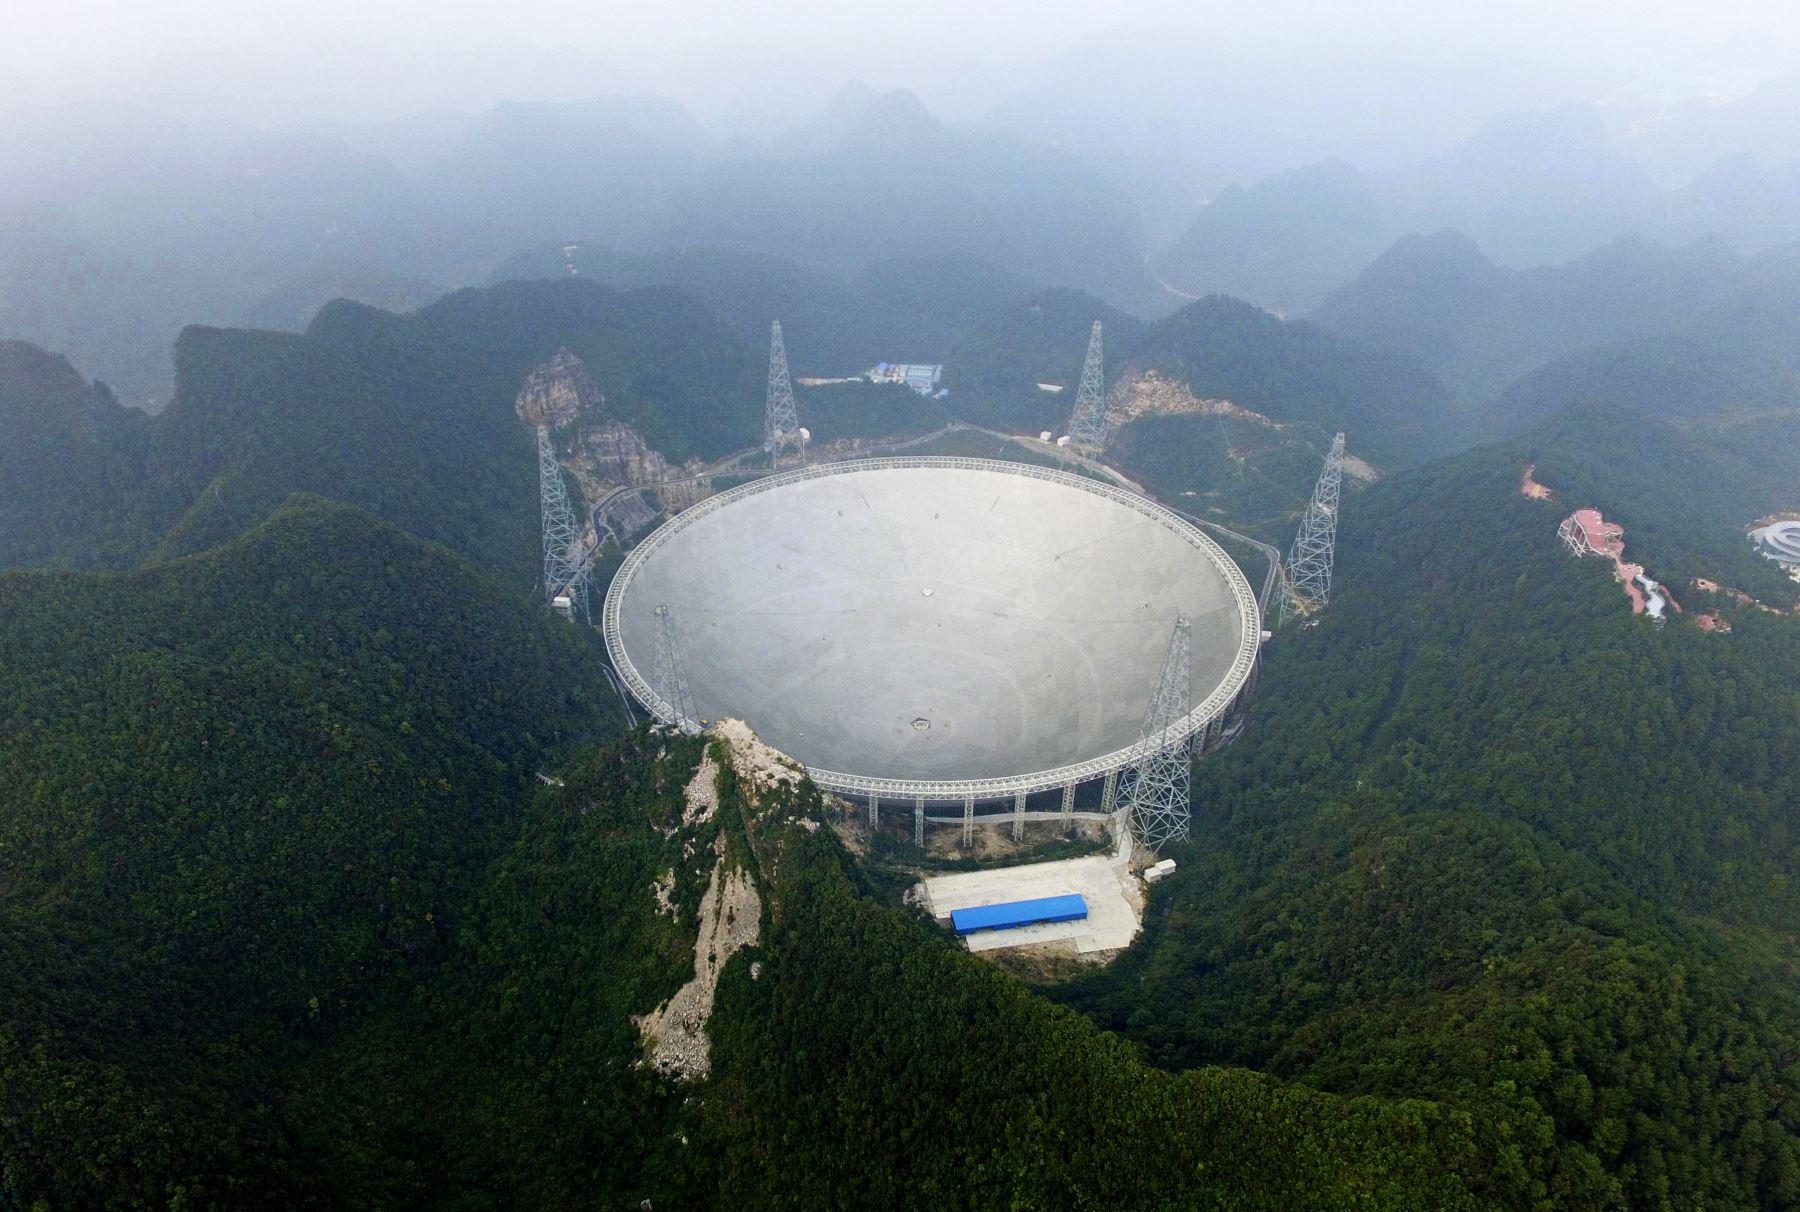 El mayor radiotelescopio del mundo conocido por sus siglas en inglés FAST, está situado en una zona montañosa del condado de Pingtang. Foto: AFP